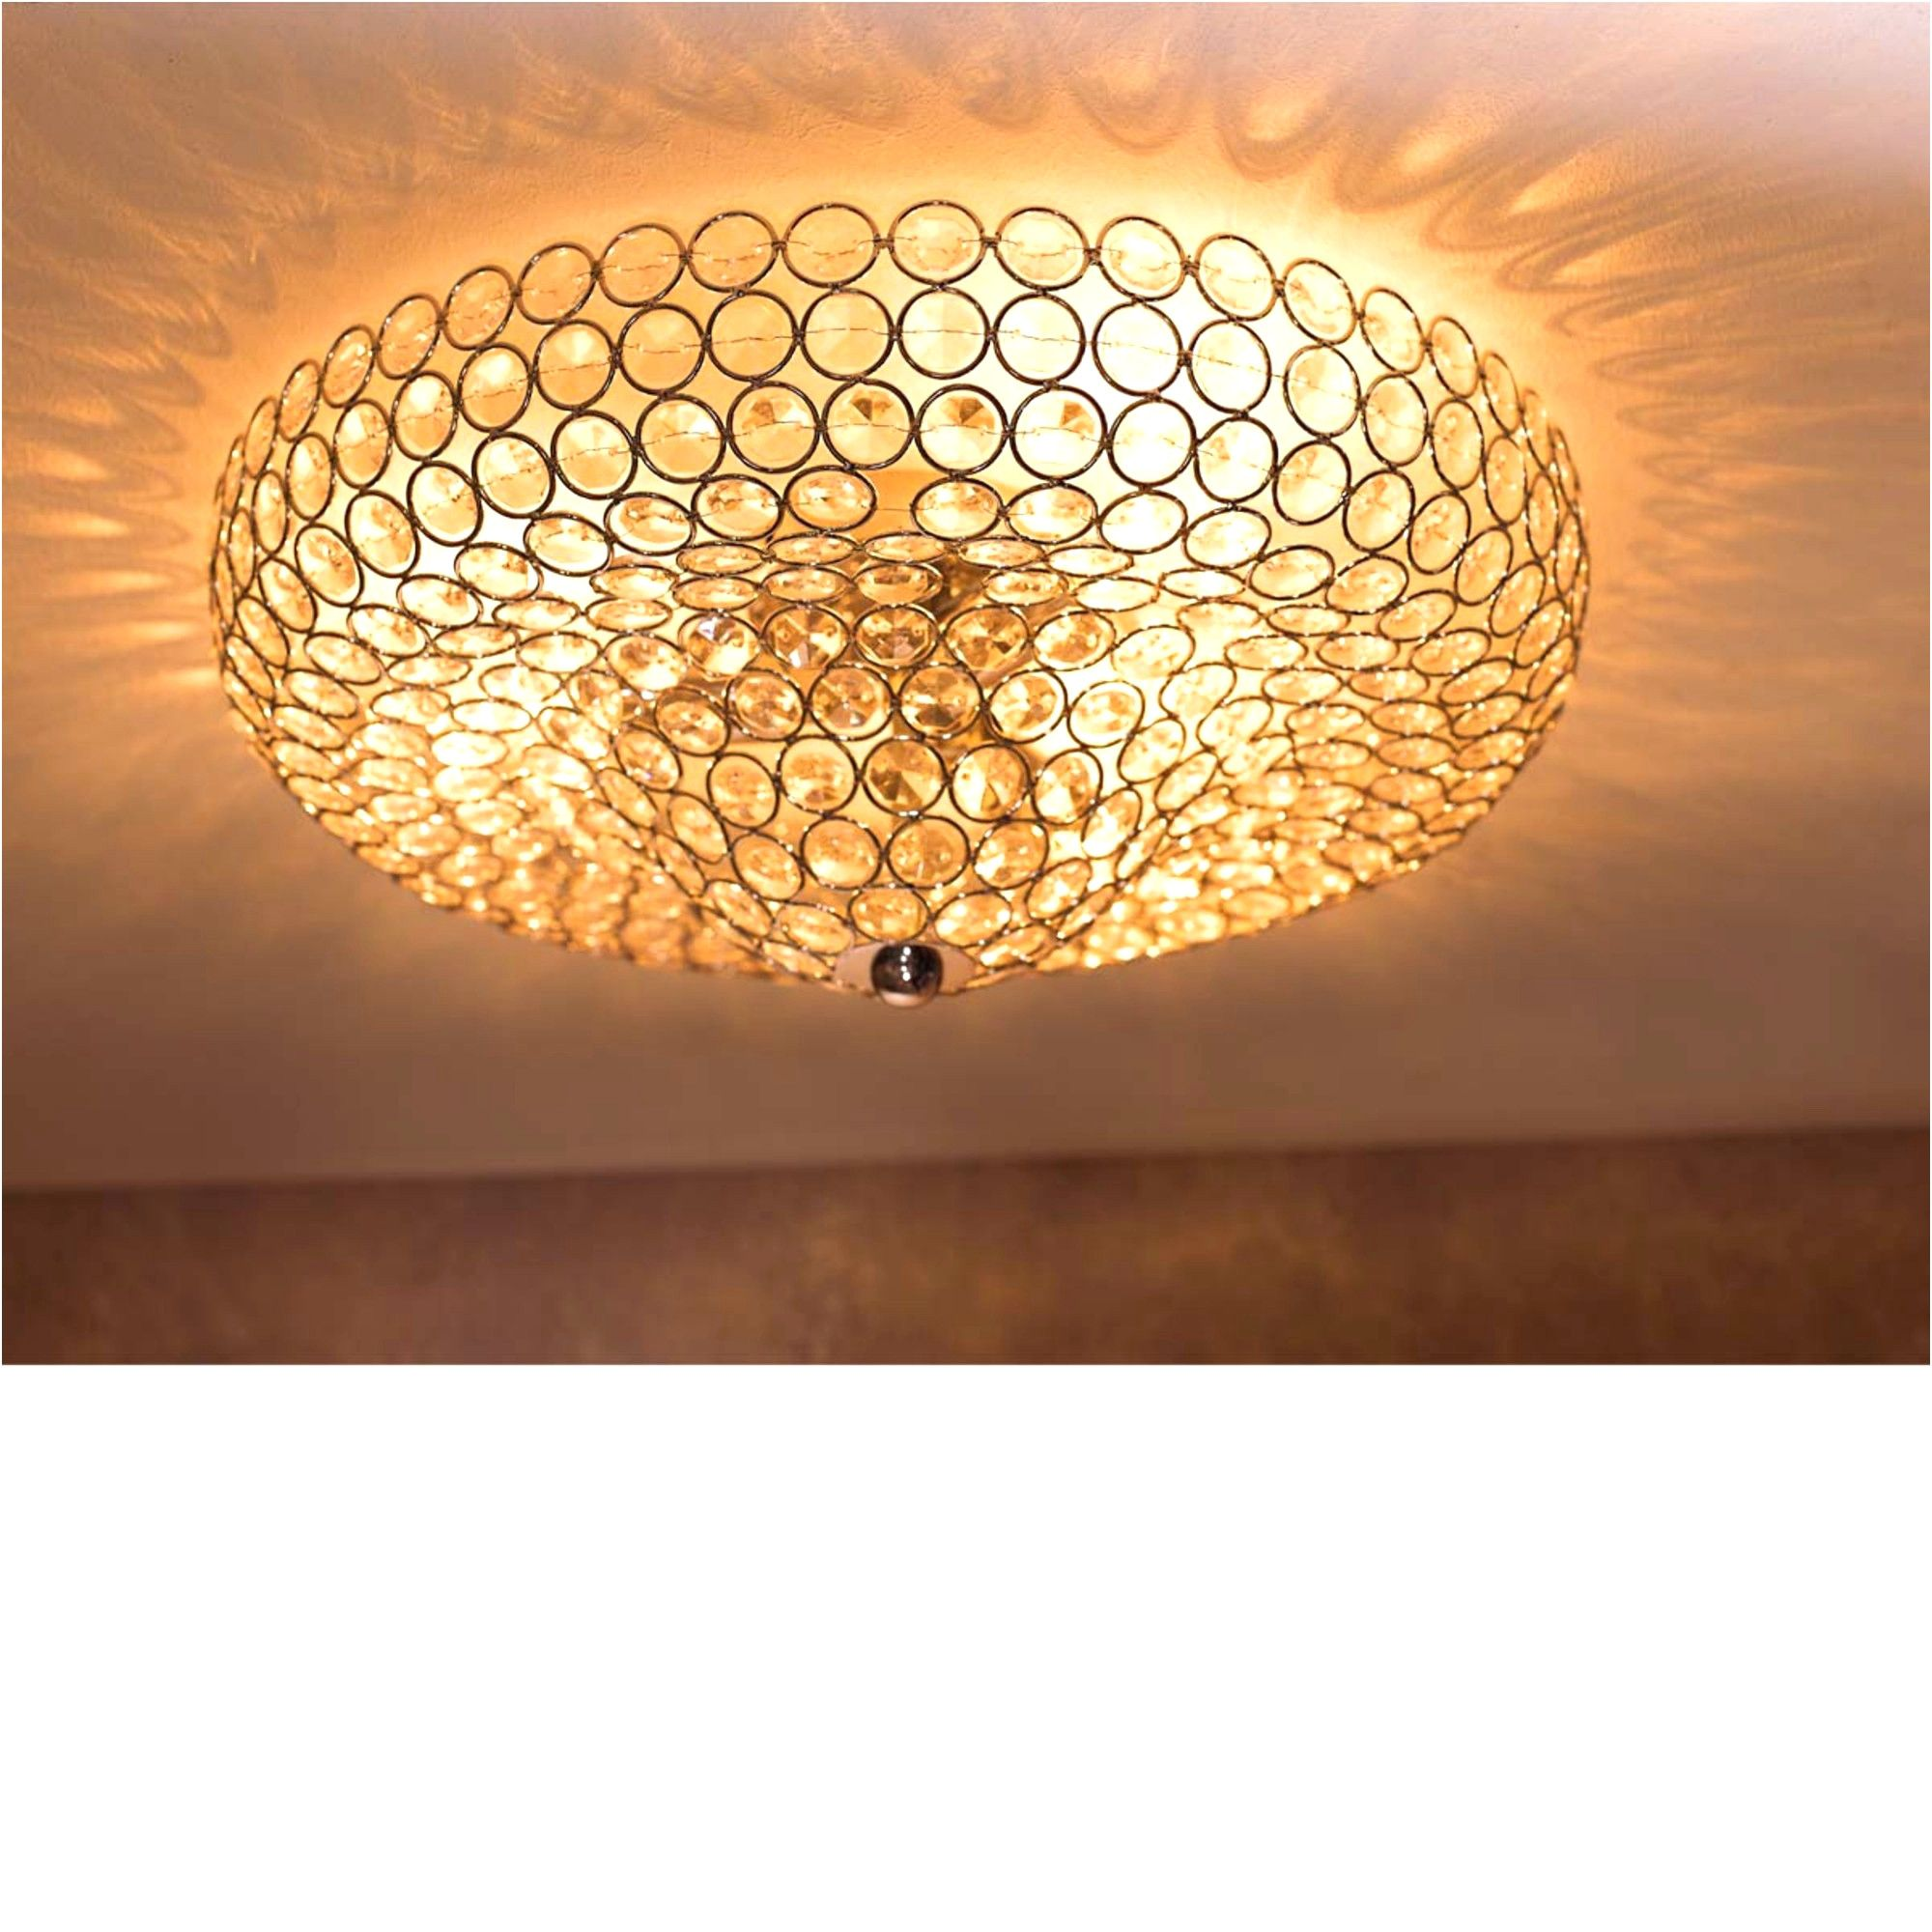 Designer Deckenleuchten Outlet Mit Gallery Of Wohnzimmerlampen Ideen 25 Stilvolle Modelle 21 Und Sch N Moderne Decken Ceiling Lights Design Interior Decorating